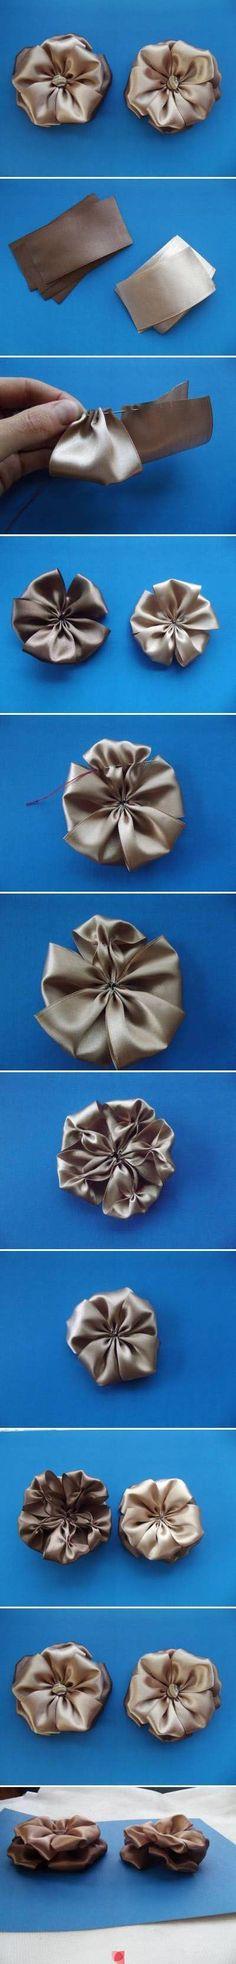 طريقة صنع ورد من شرائط الساتان قماش او ورق بالخطوات (متجدد) - الصفحة 2